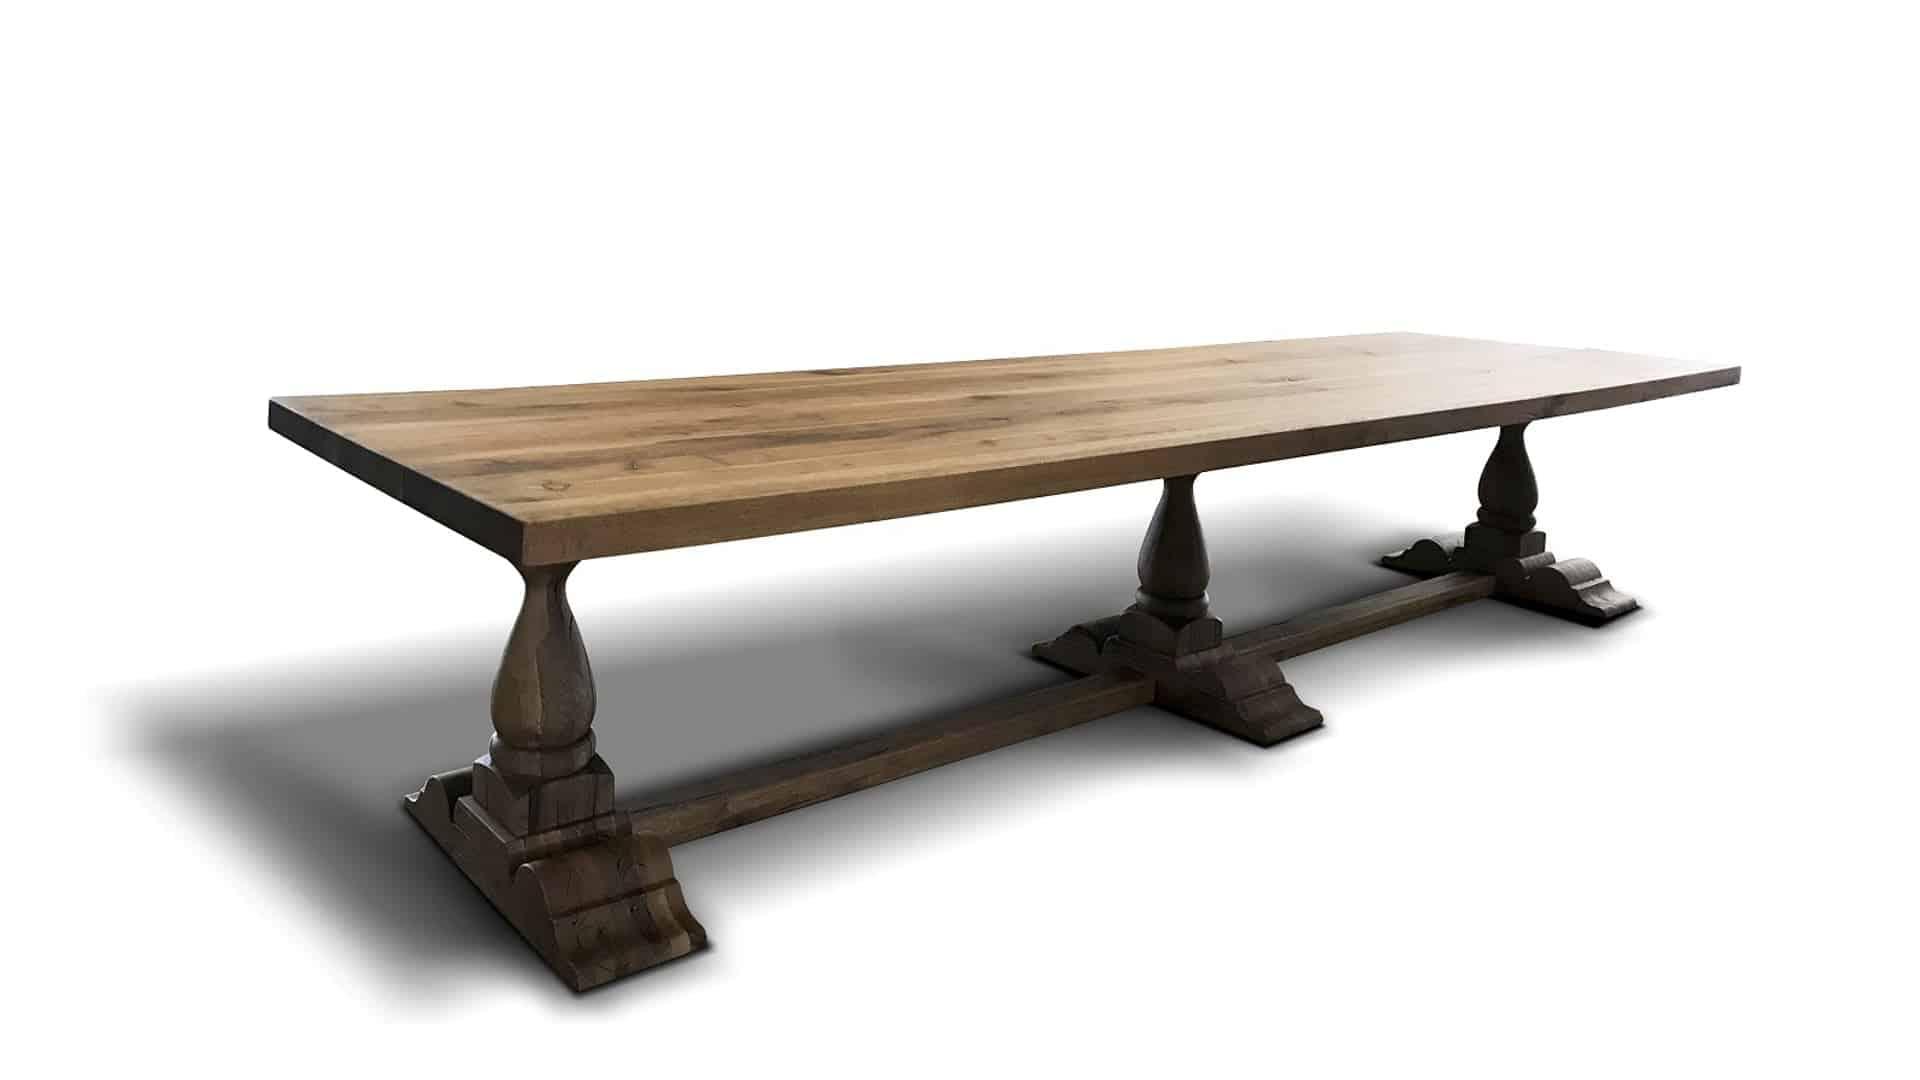 Esstisch Renaissance, Massivholztisch aus Wildeiche in 4m Länge